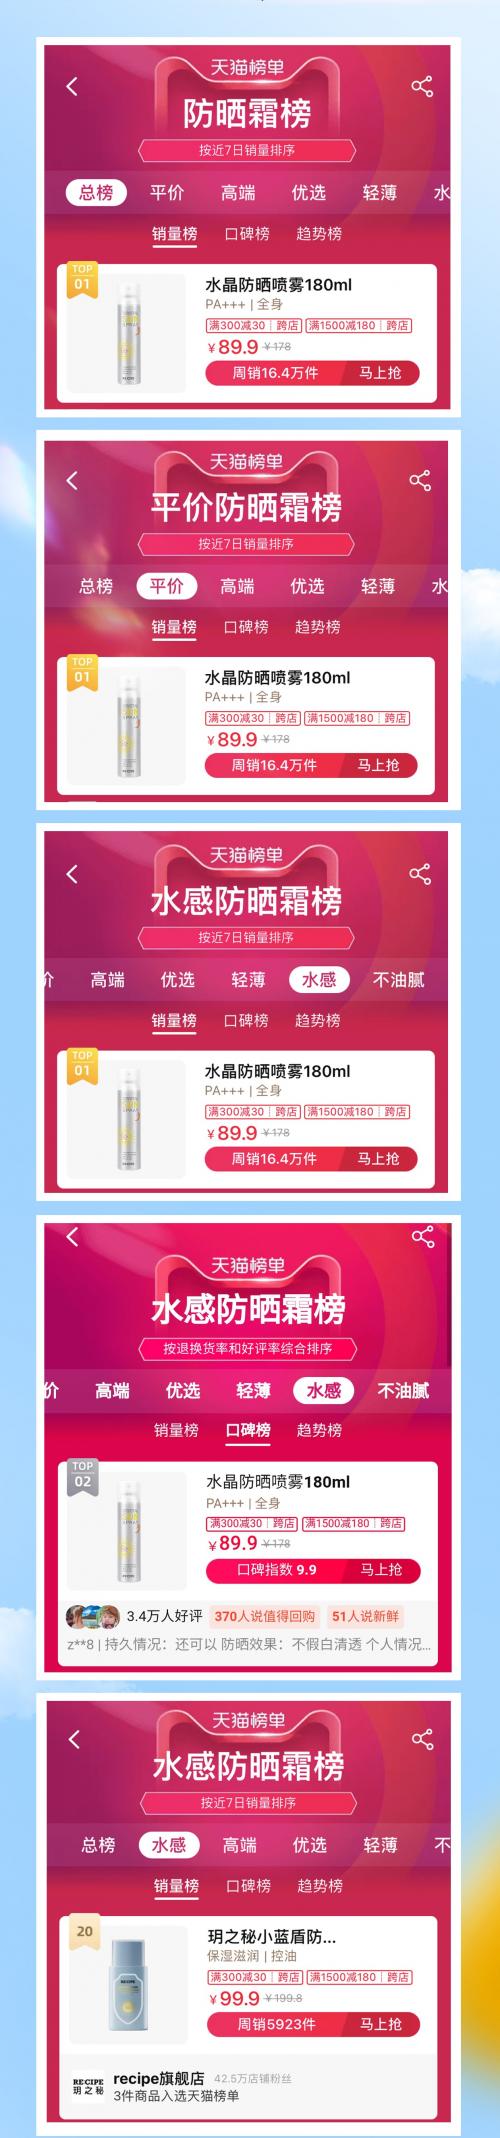 玥之秘官宣代言人鹿晗,登上天猫防晒榜单TOP 1